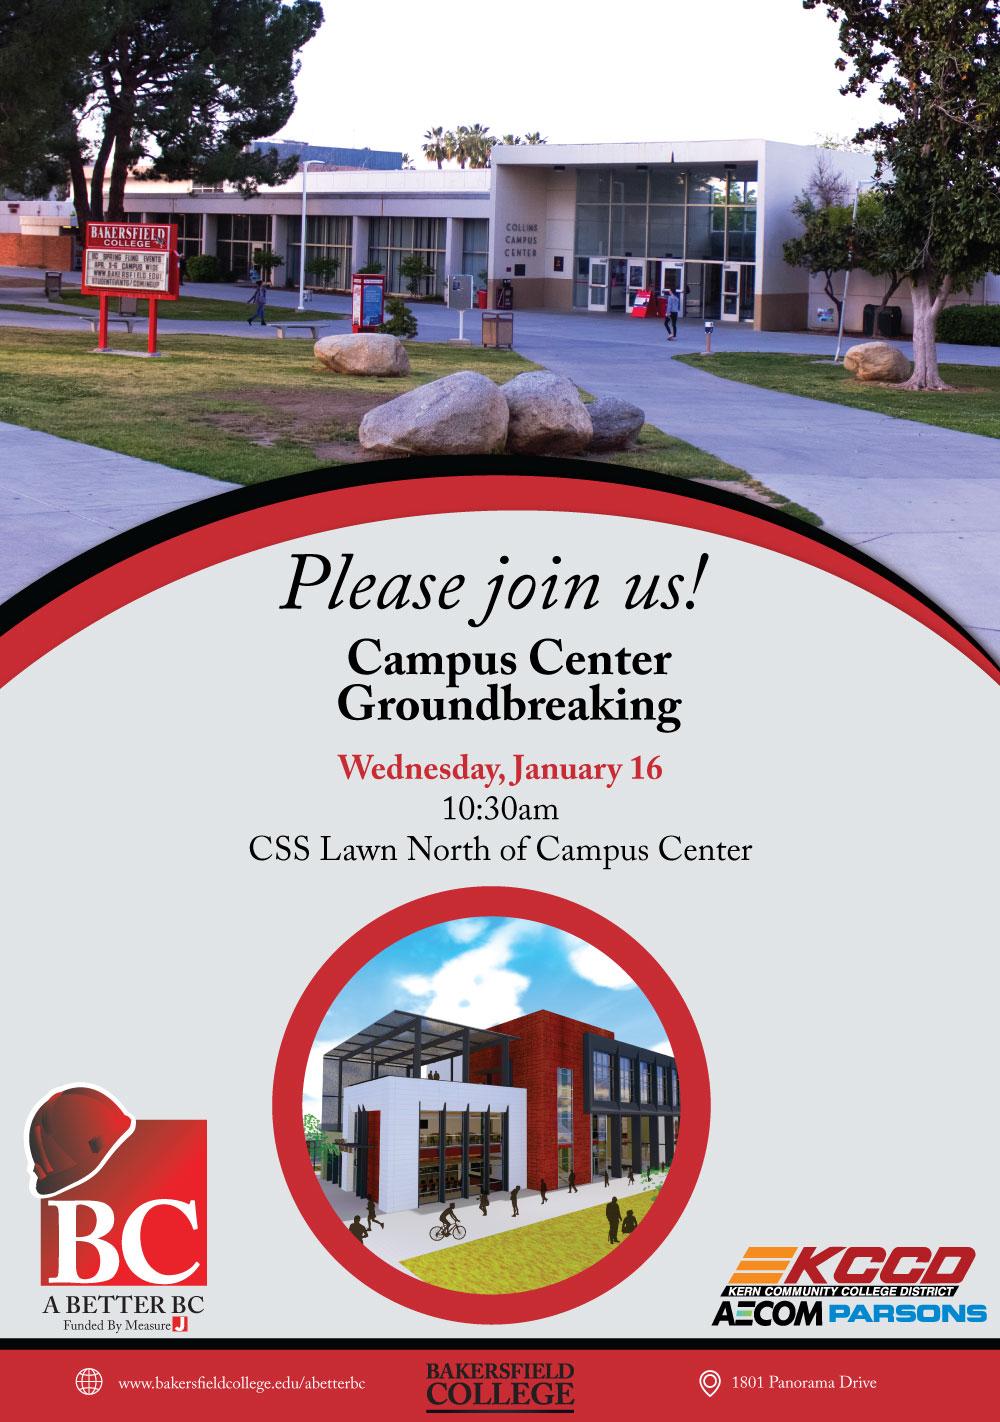 Campus Center Groundbreaking Invite